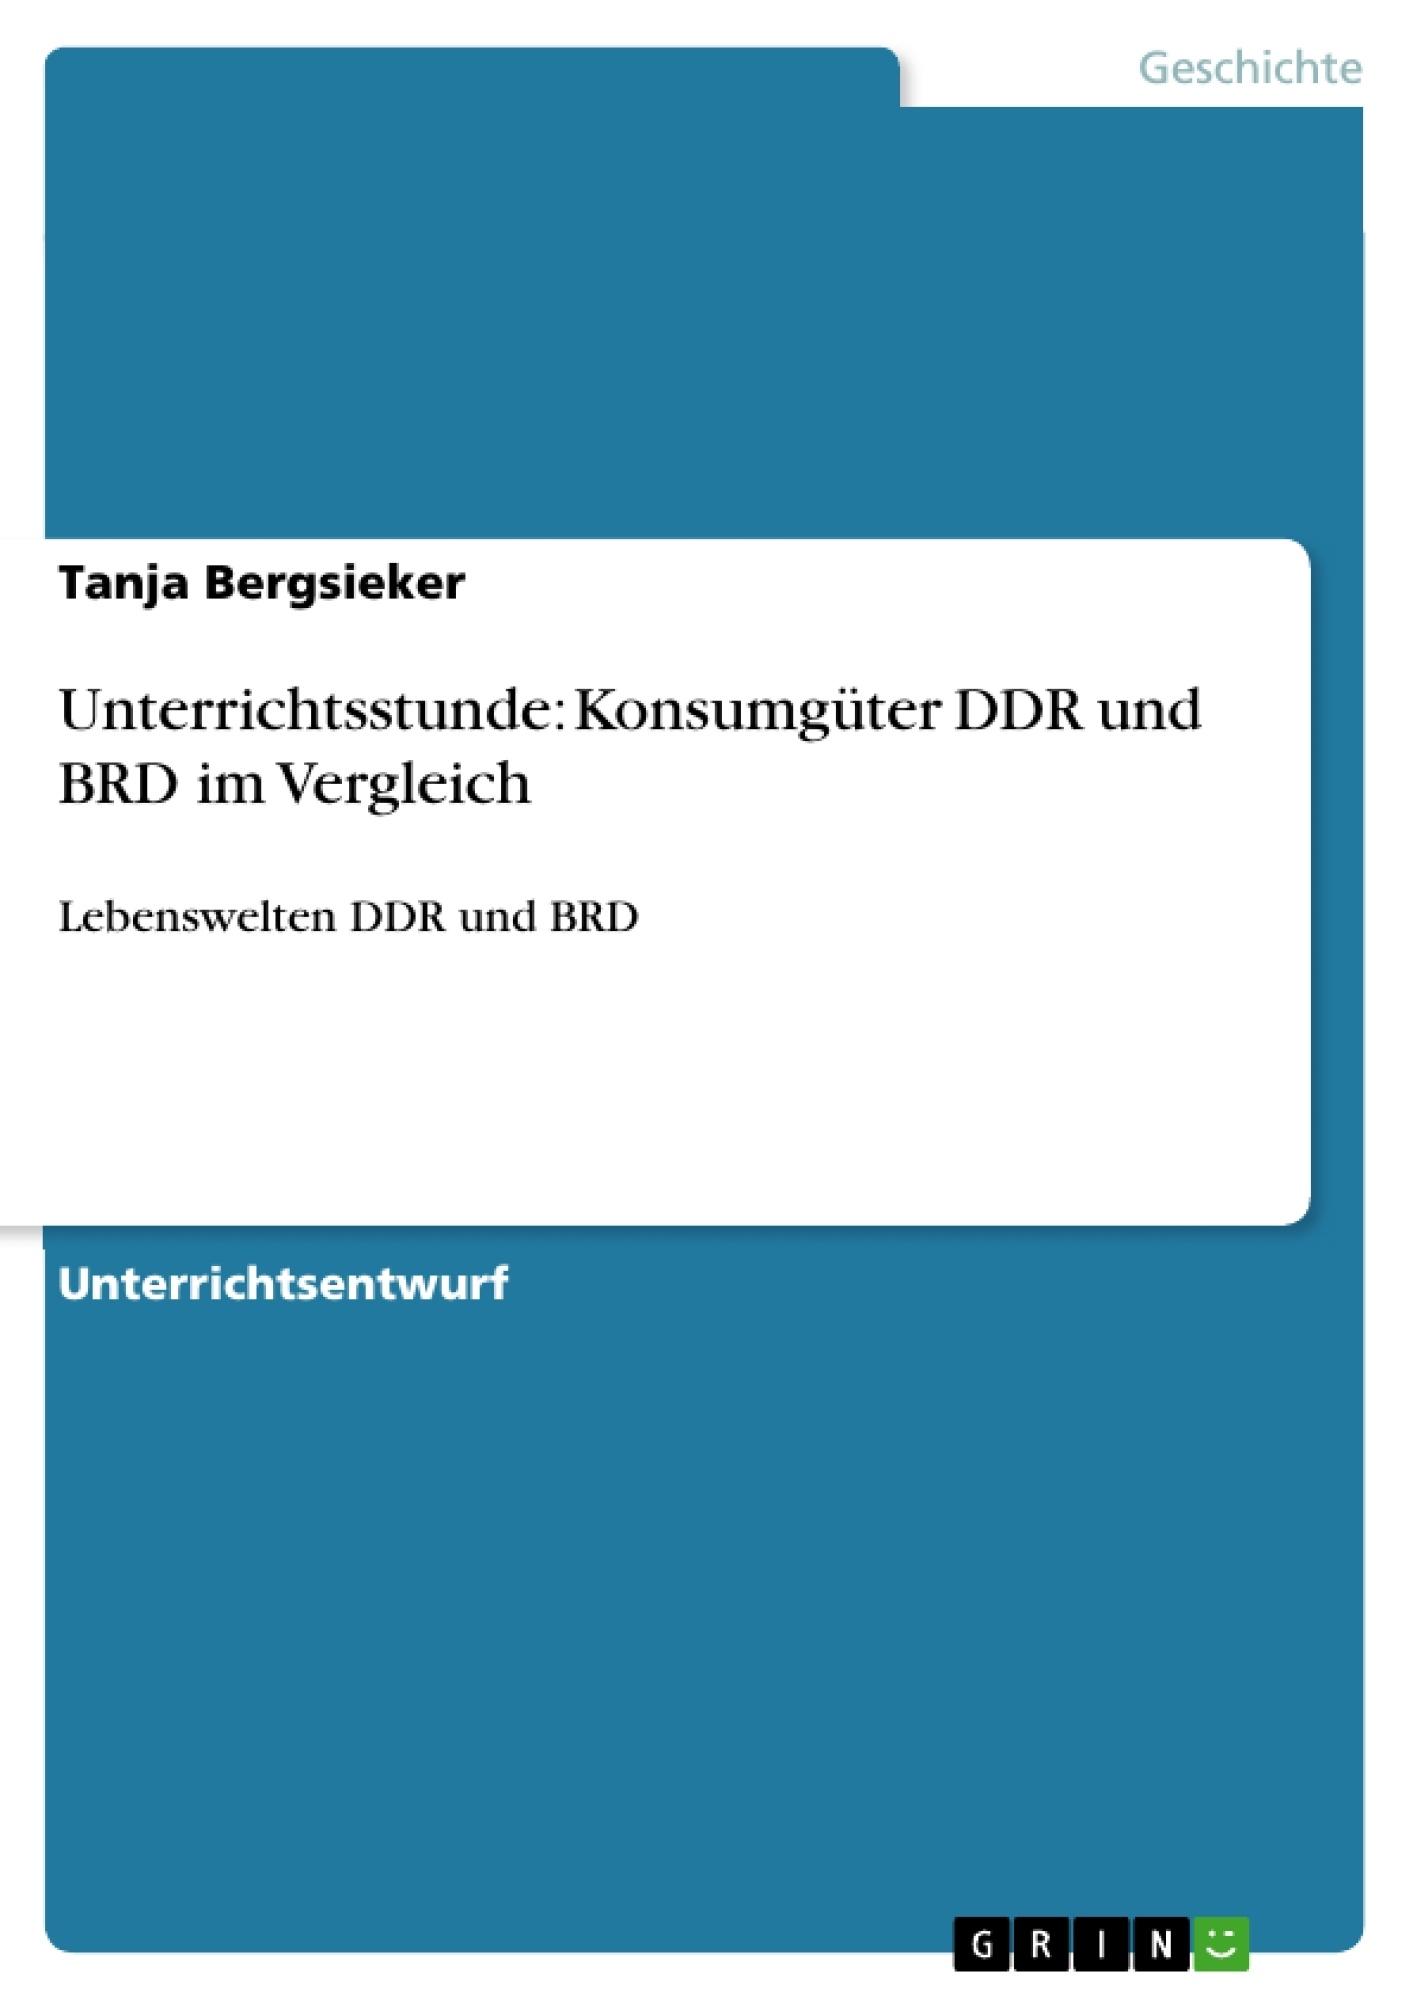 Titel: Unterrichtsstunde: Konsumgüter DDR und BRD im Vergleich